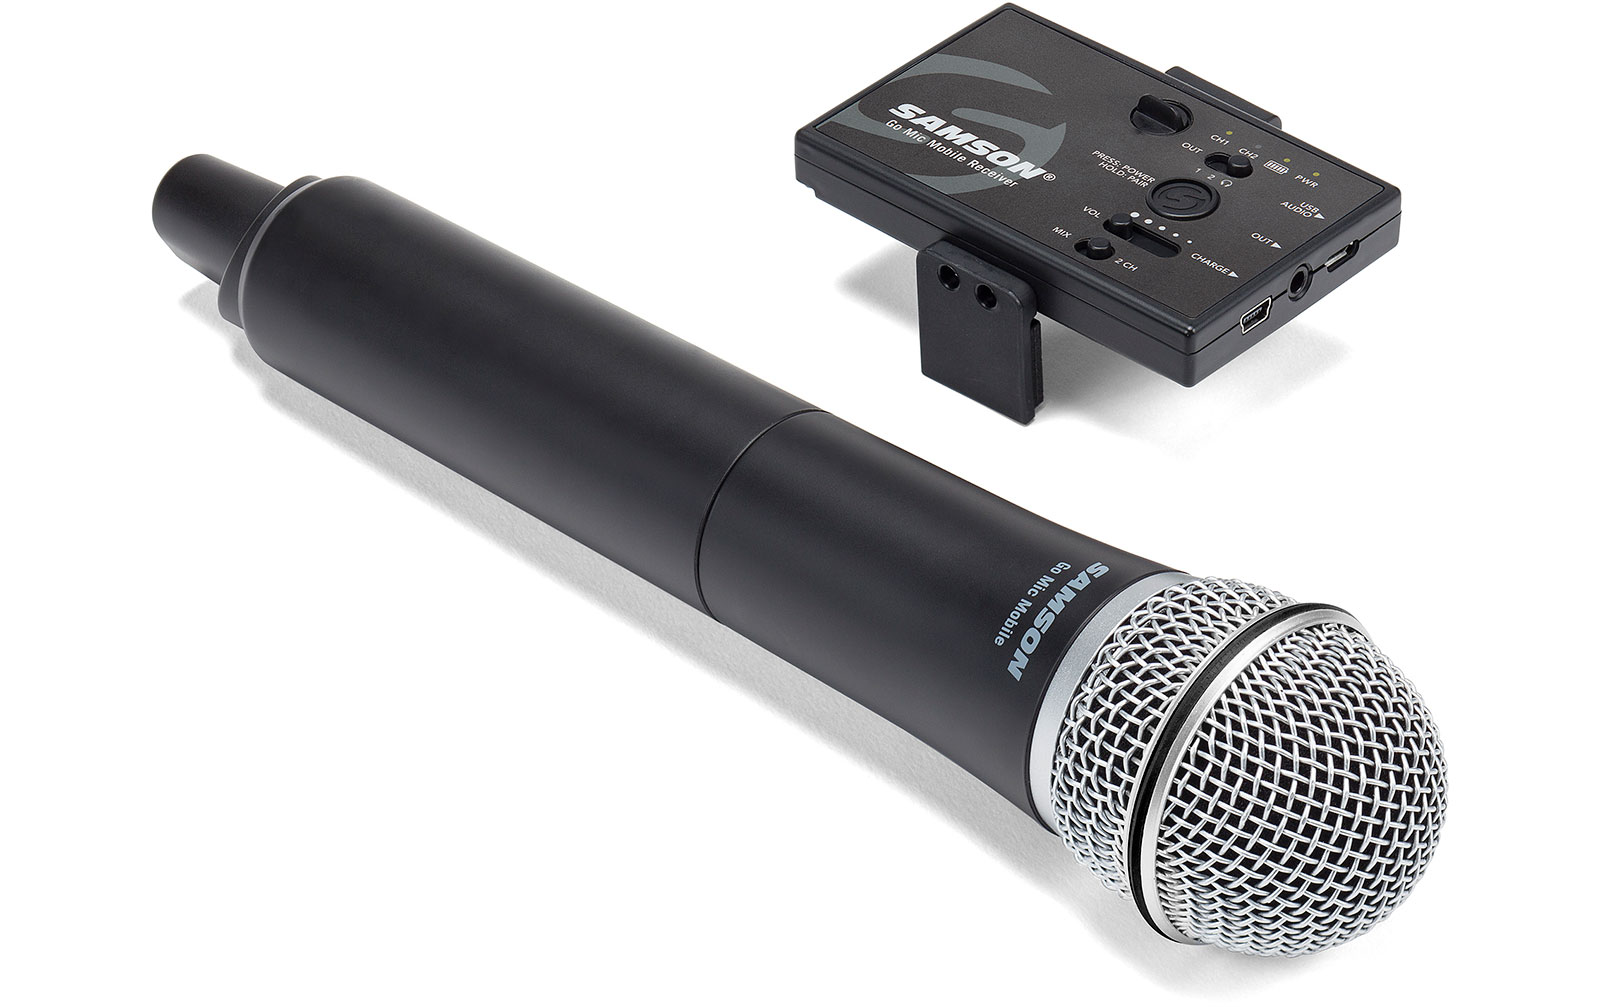 samson-go-mic-mobile-handheld-system